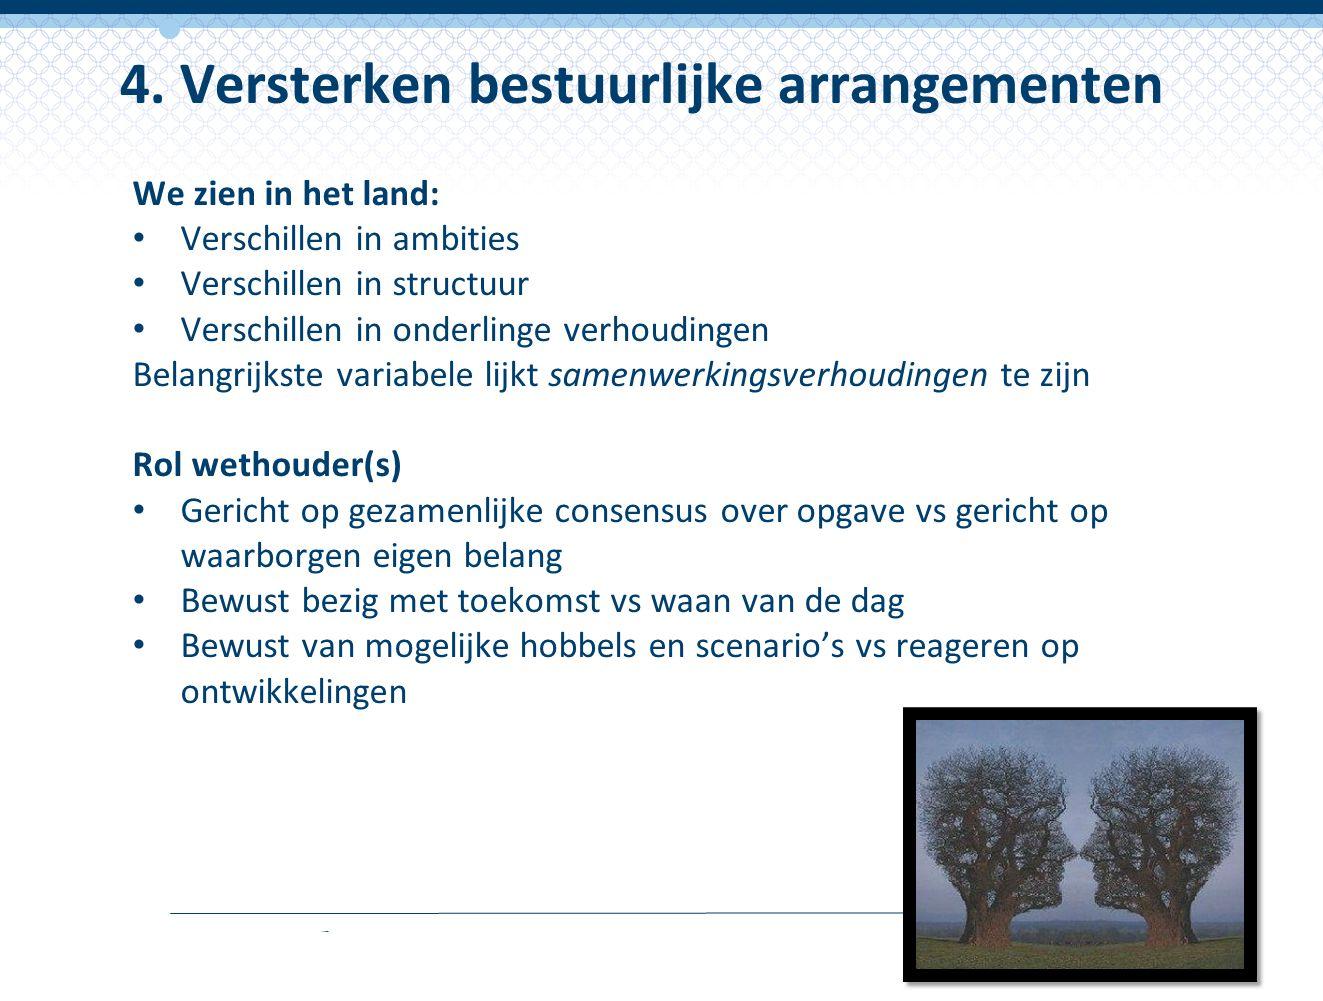 4. Versterken bestuurlijke arrangementen